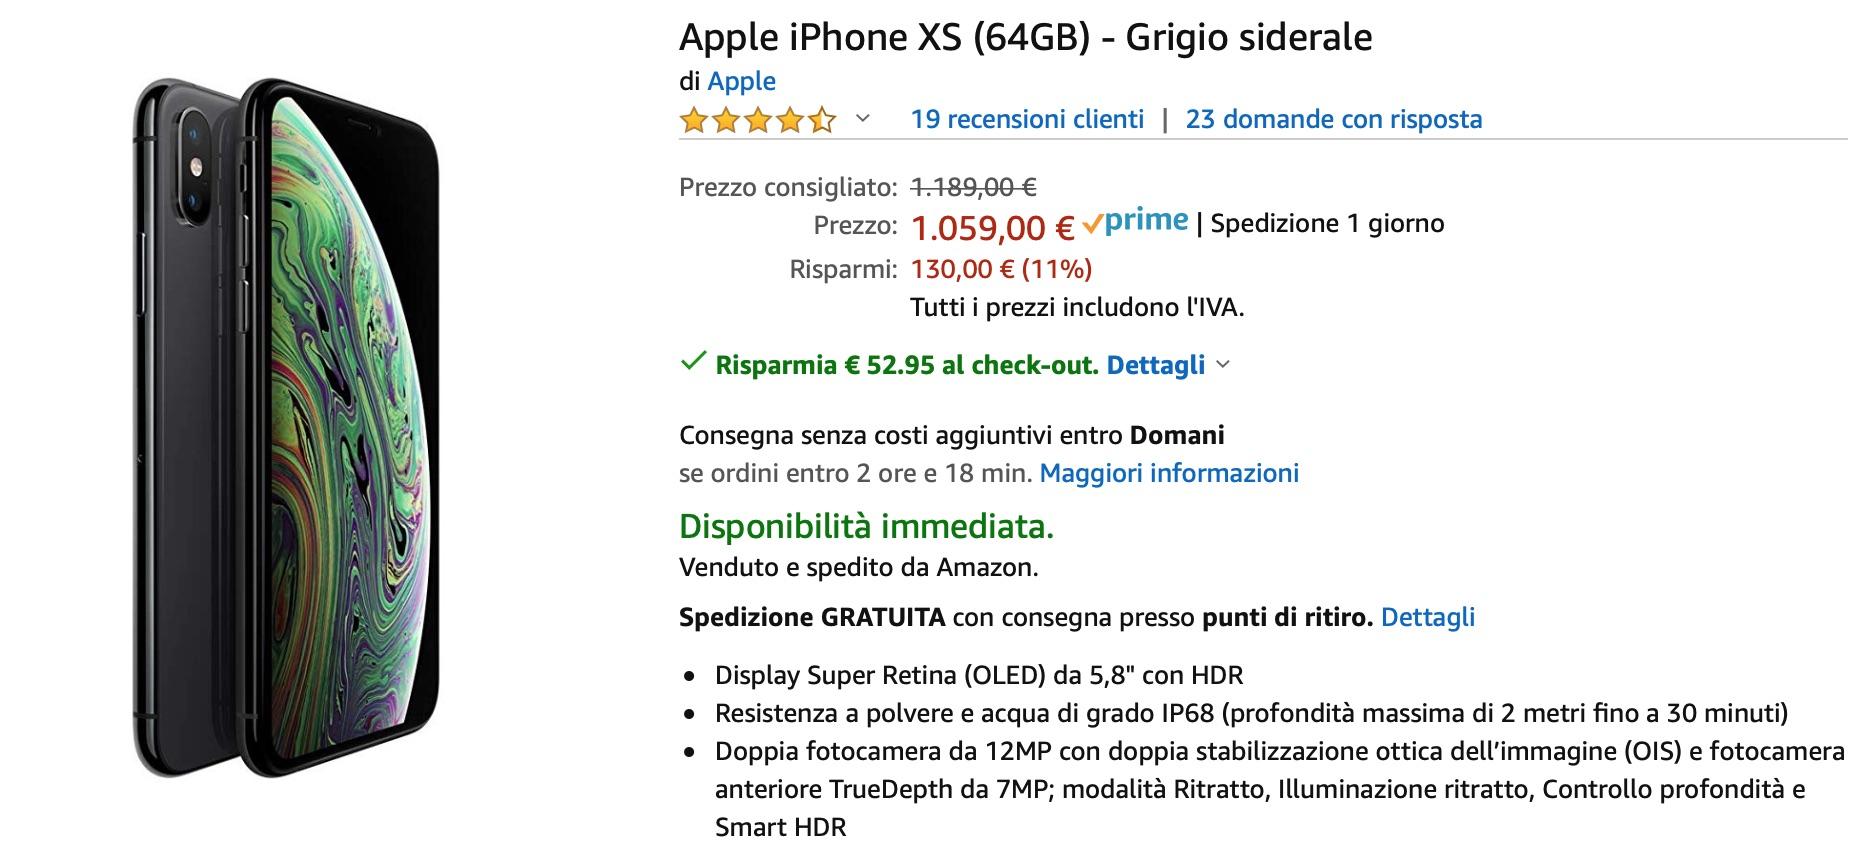 Sconti nel carrello Amazon: iPhone XS Max al prezzo più basso, iPhone XS super conveniente